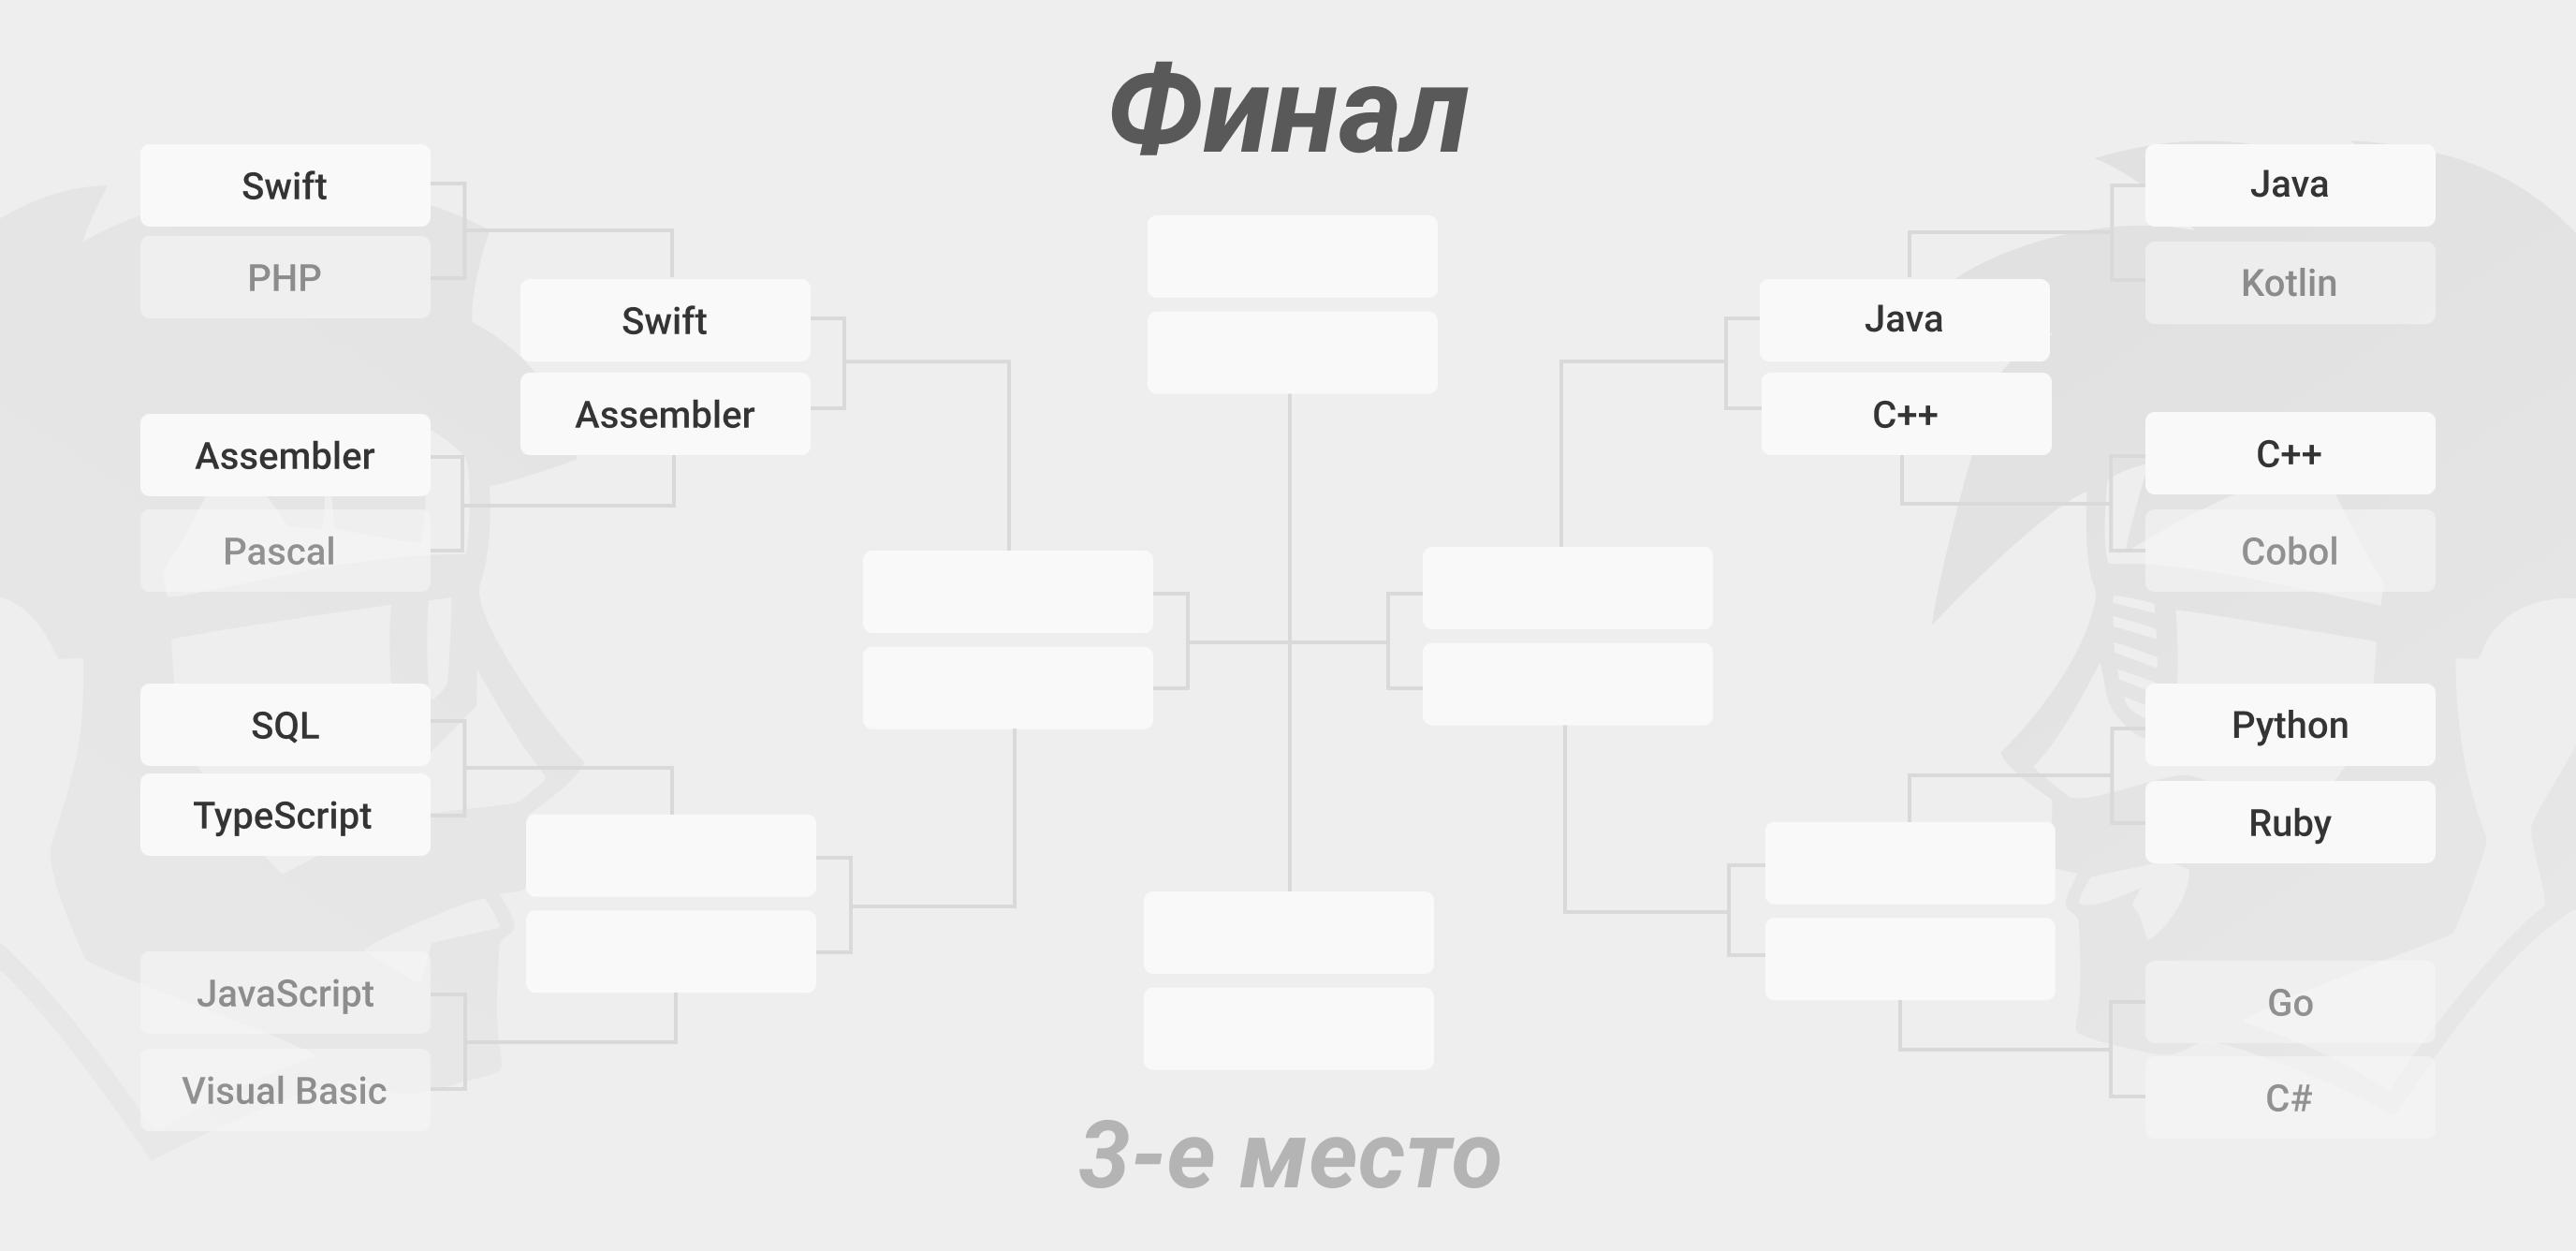 турнирная таблица битвы языков 2020